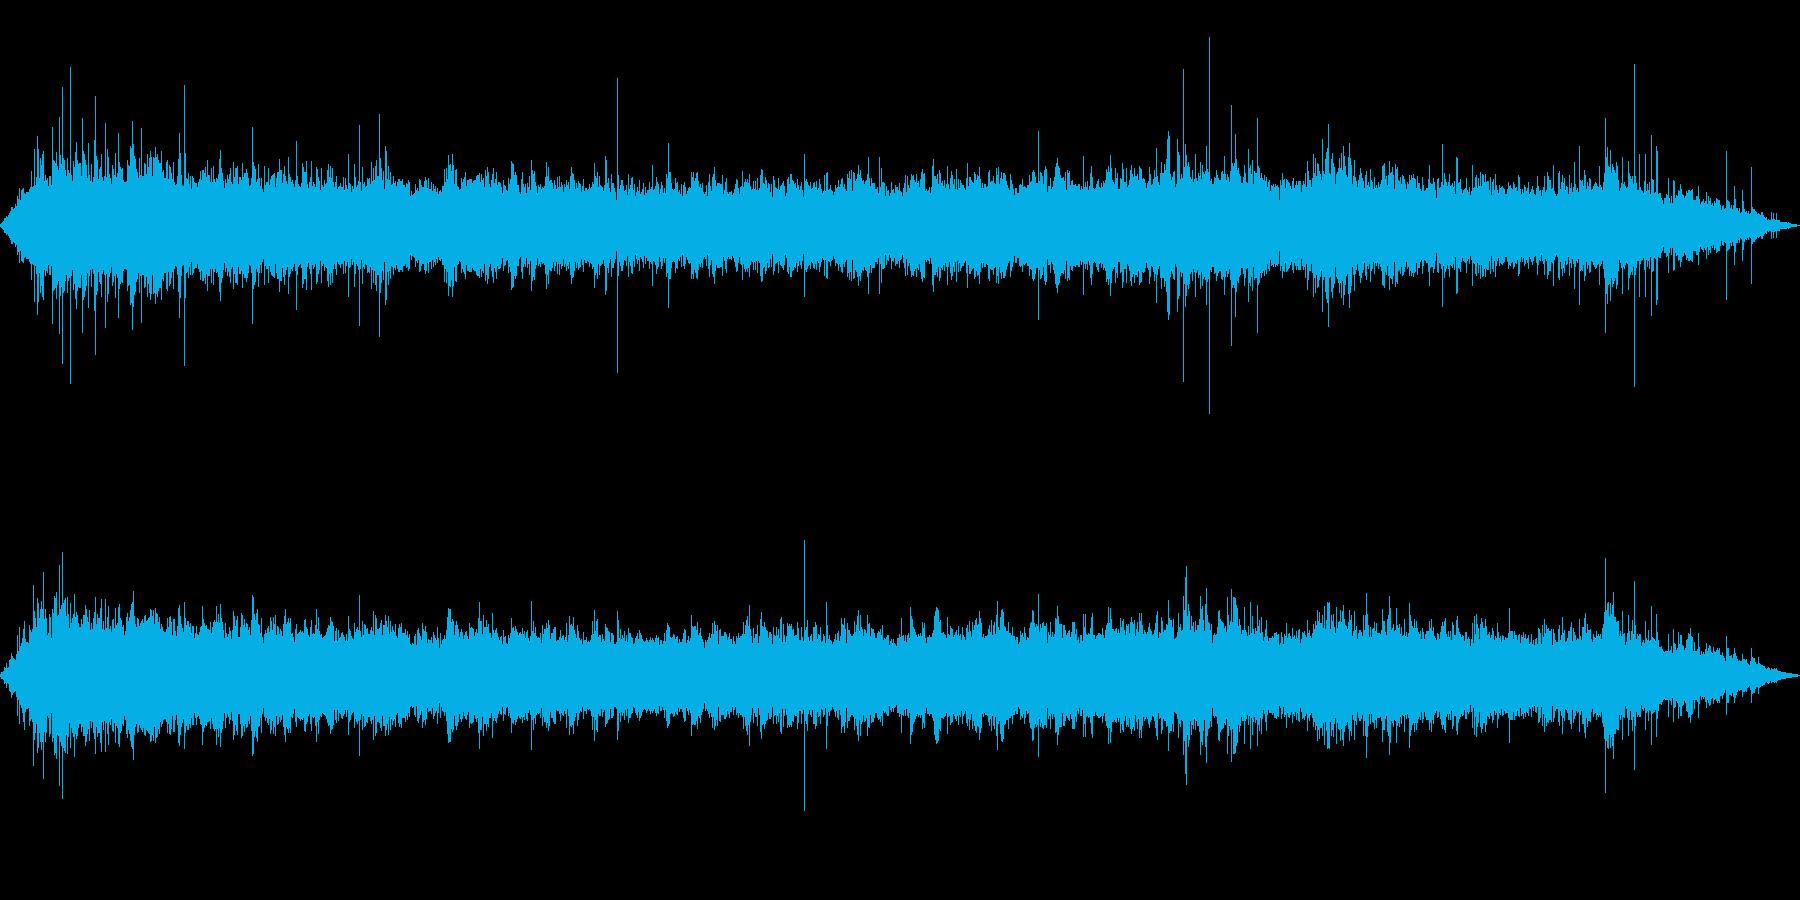 環境音-駅の改札口(人少なめ)の再生済みの波形